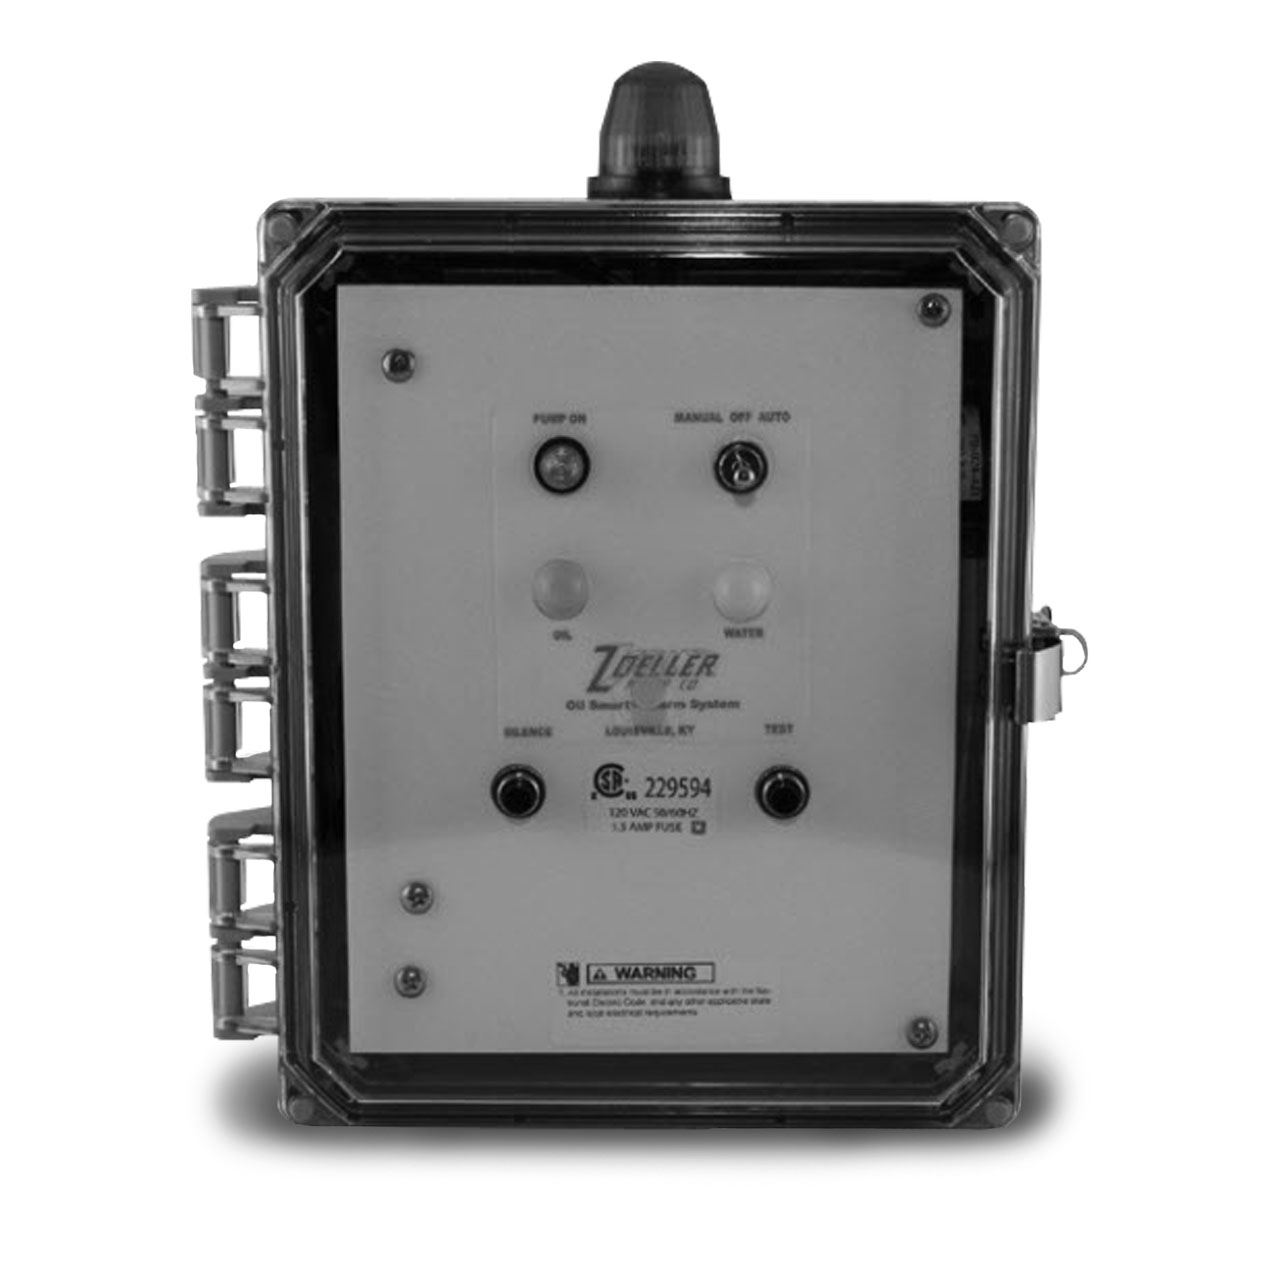 zoeller duplex pump control panel wiring diagram zoeller zoeller 10 2149 oil smart [ 1280 x 1280 Pixel ]